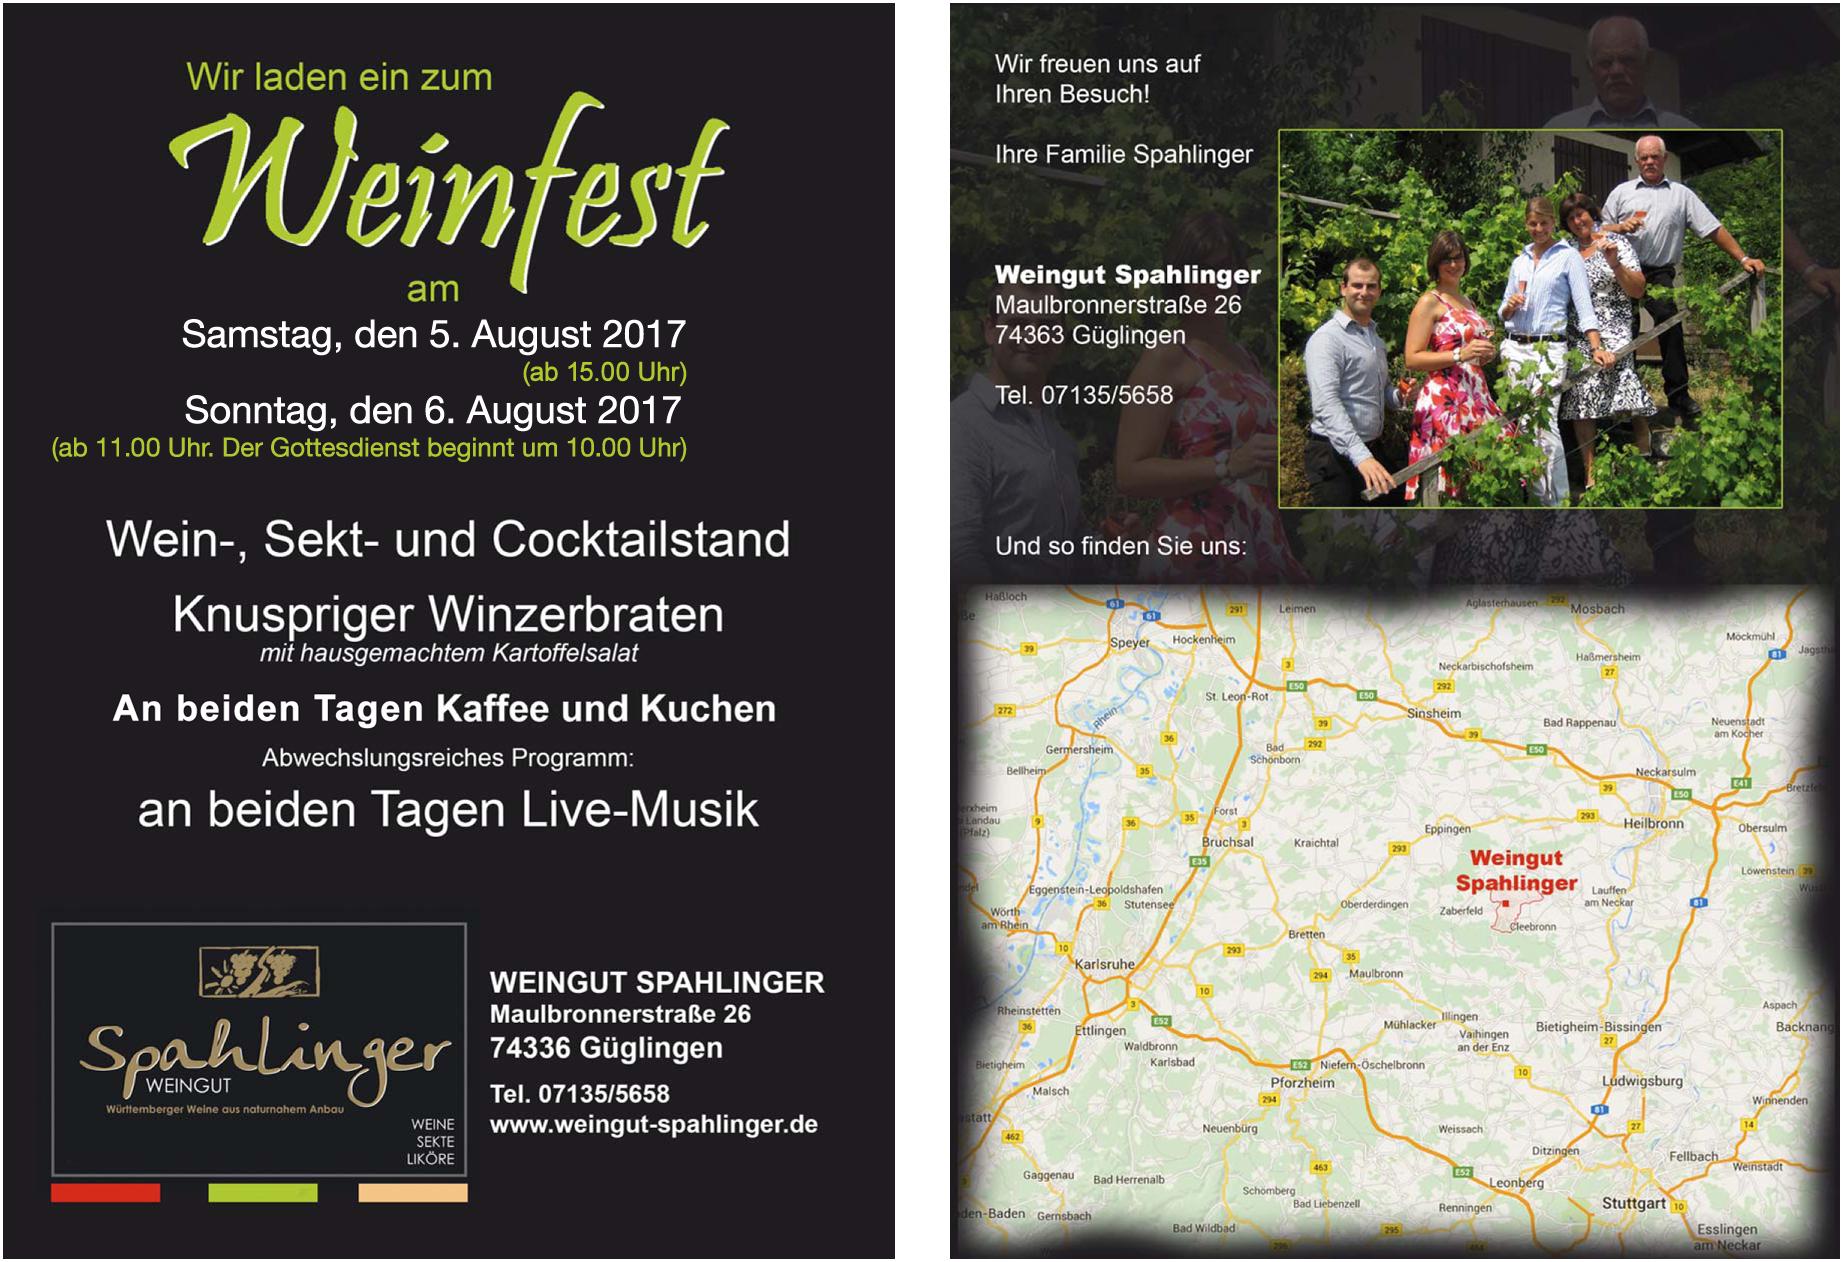 Spahlinger Weinfest 2017